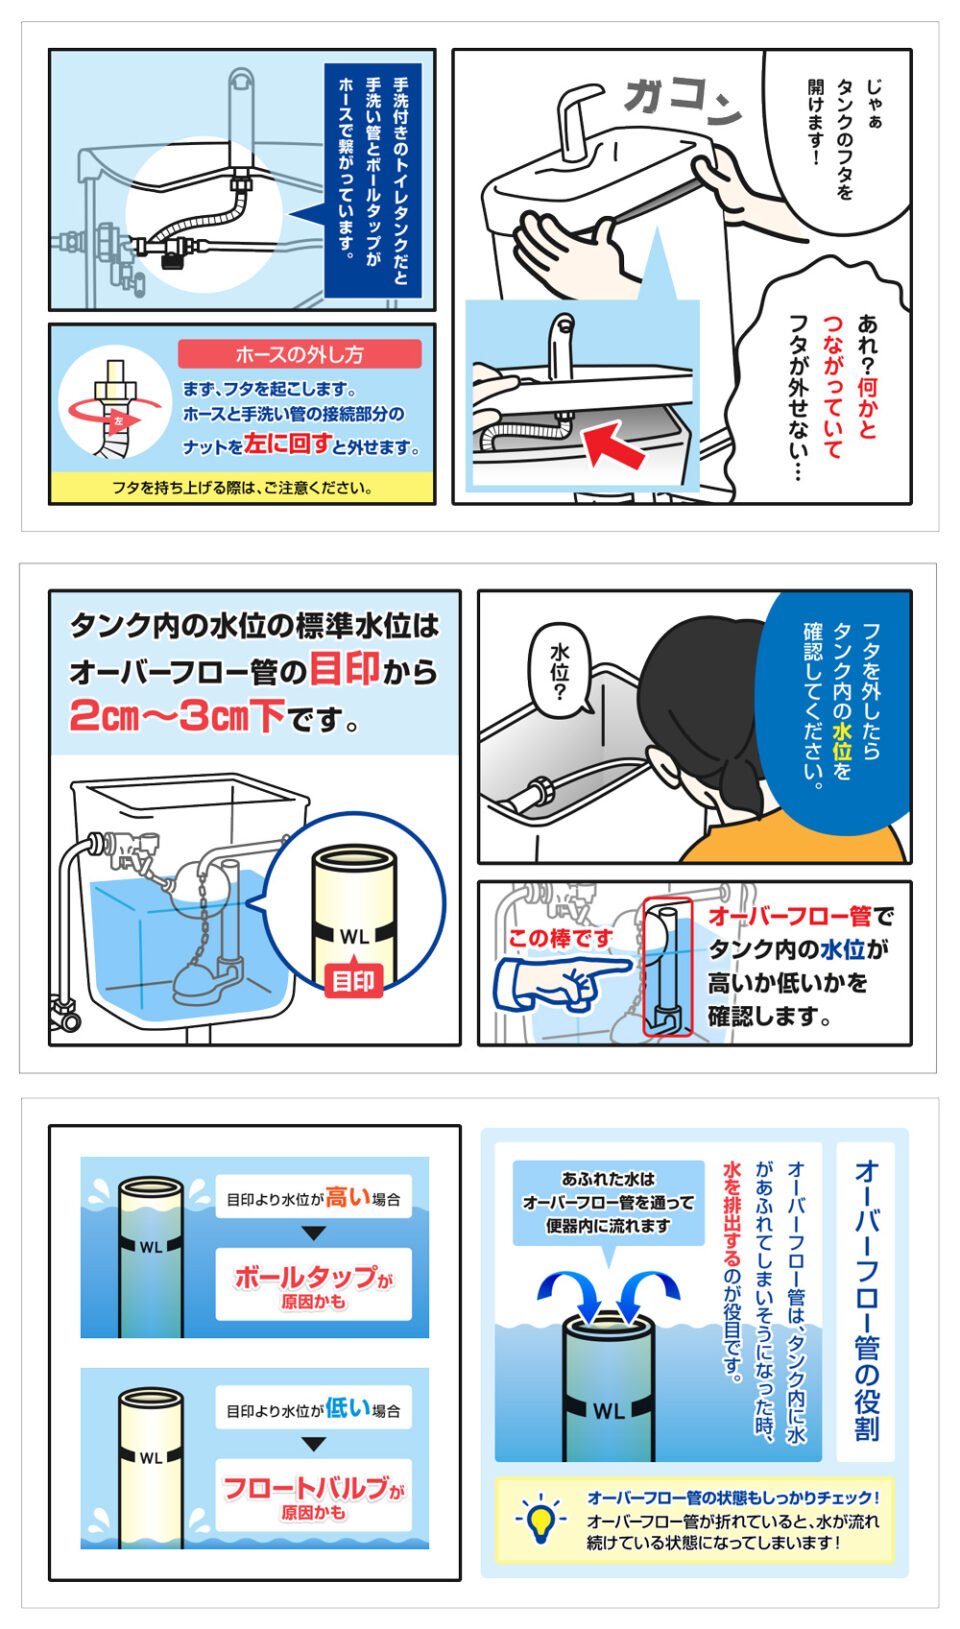 トイレタンクの水漏れ修理方法-3